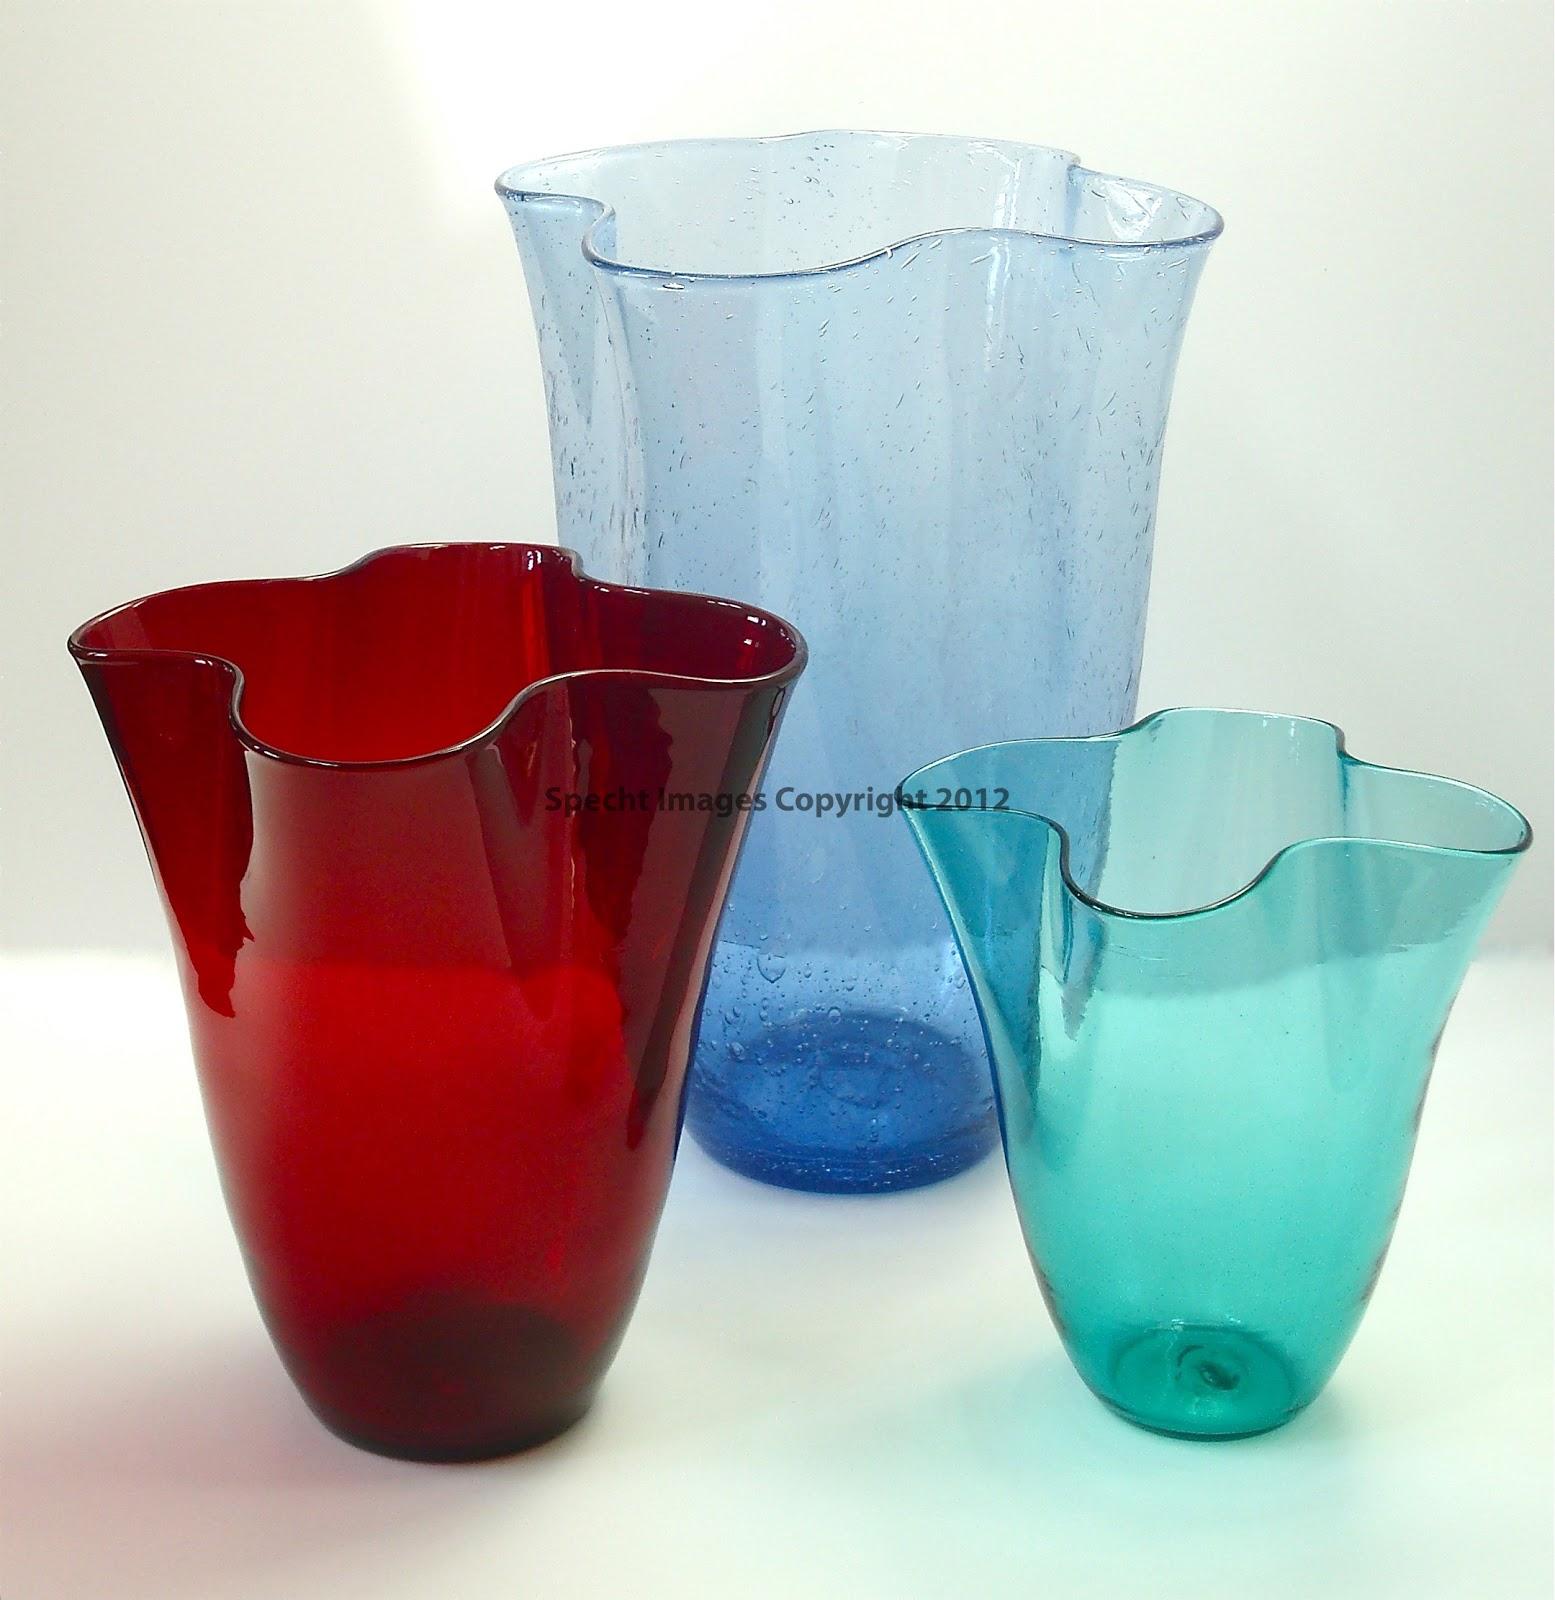 Heart of glass blenko glass pre designer 404 vases 365 days of blenko 404 m vase in ruby 11 blenko 404 l in sky blue seed glass 16 and blenko 404 s in sea green 9 reviewsmspy